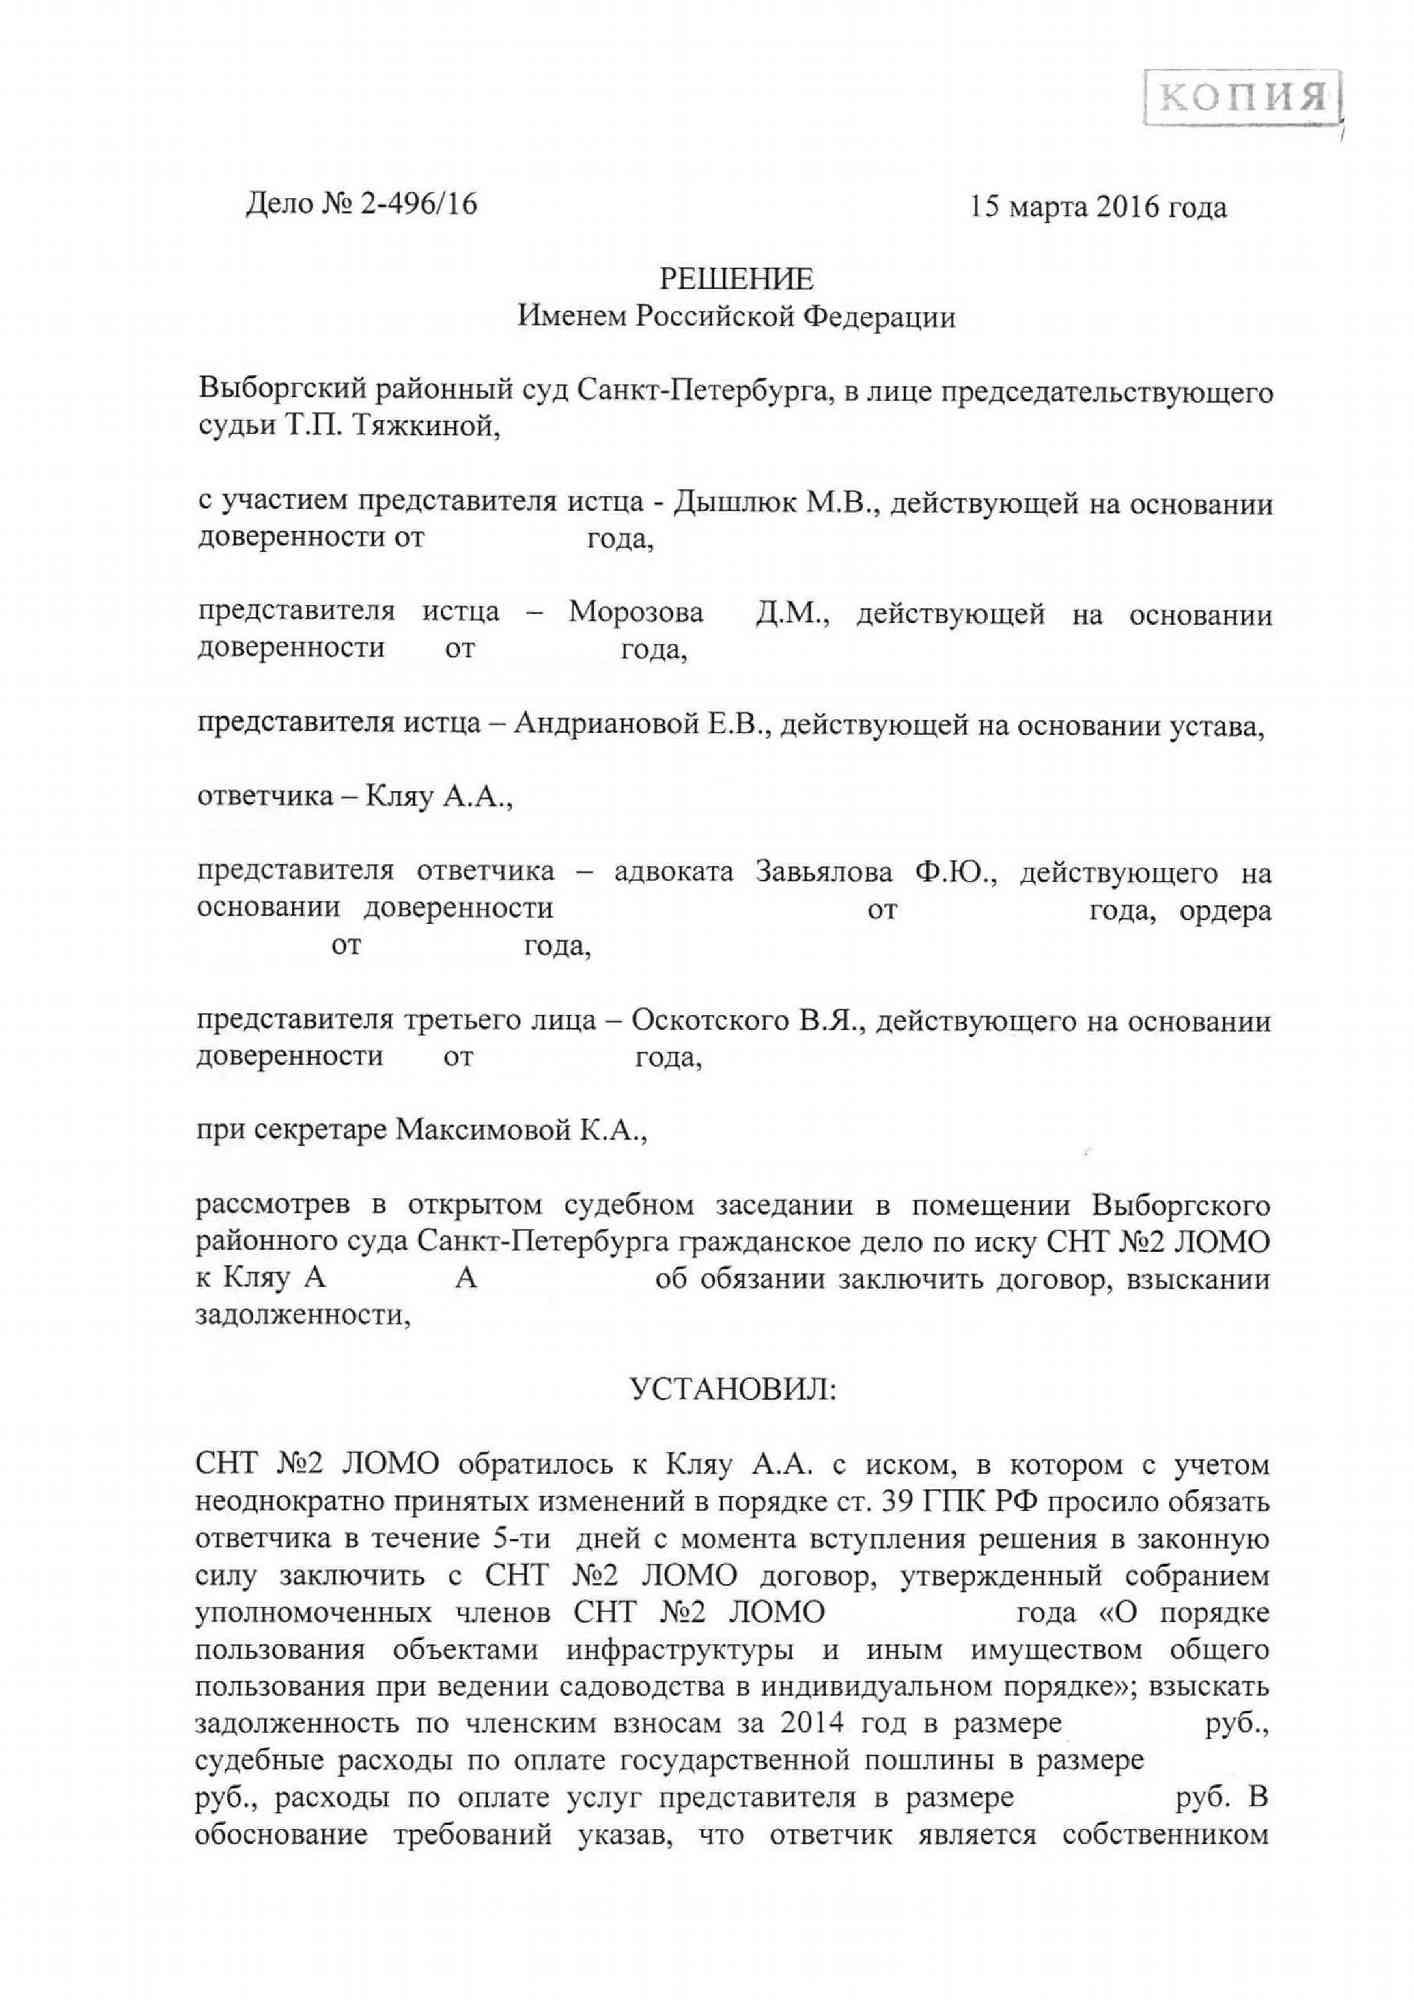 Гражданско-правовой договор с работником (образец)